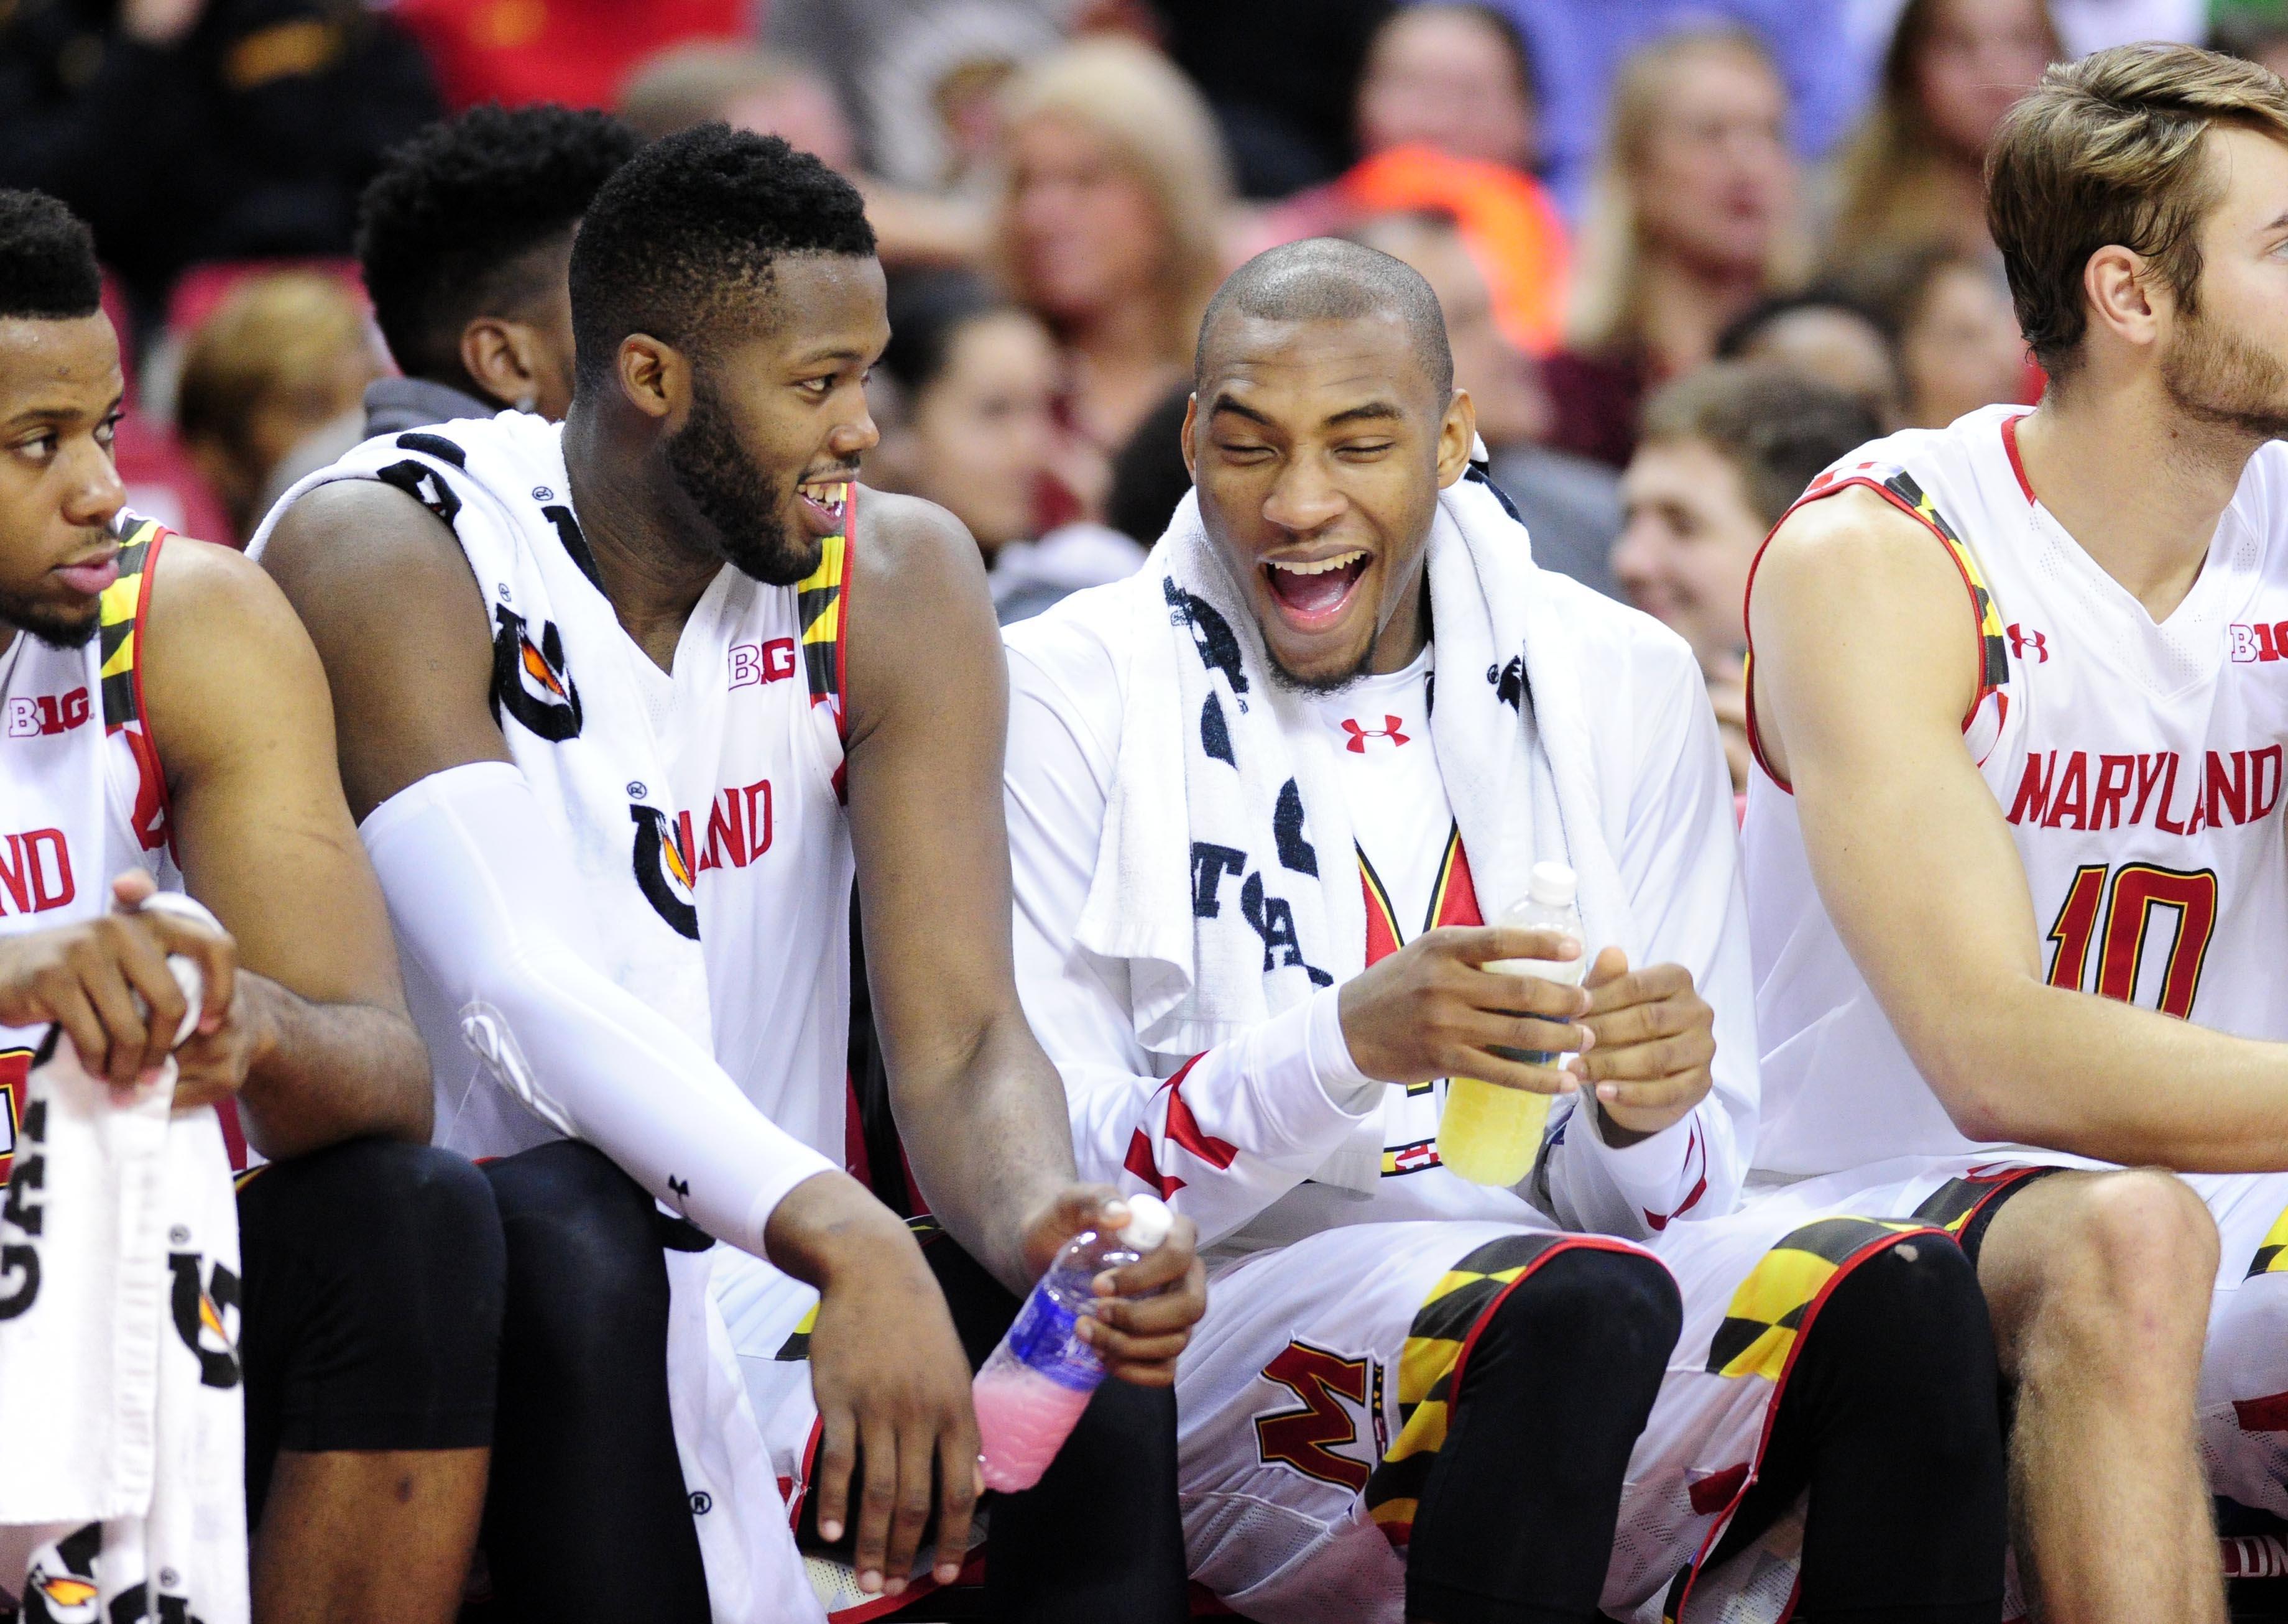 NCAA Basketball: Marshall at Maryland